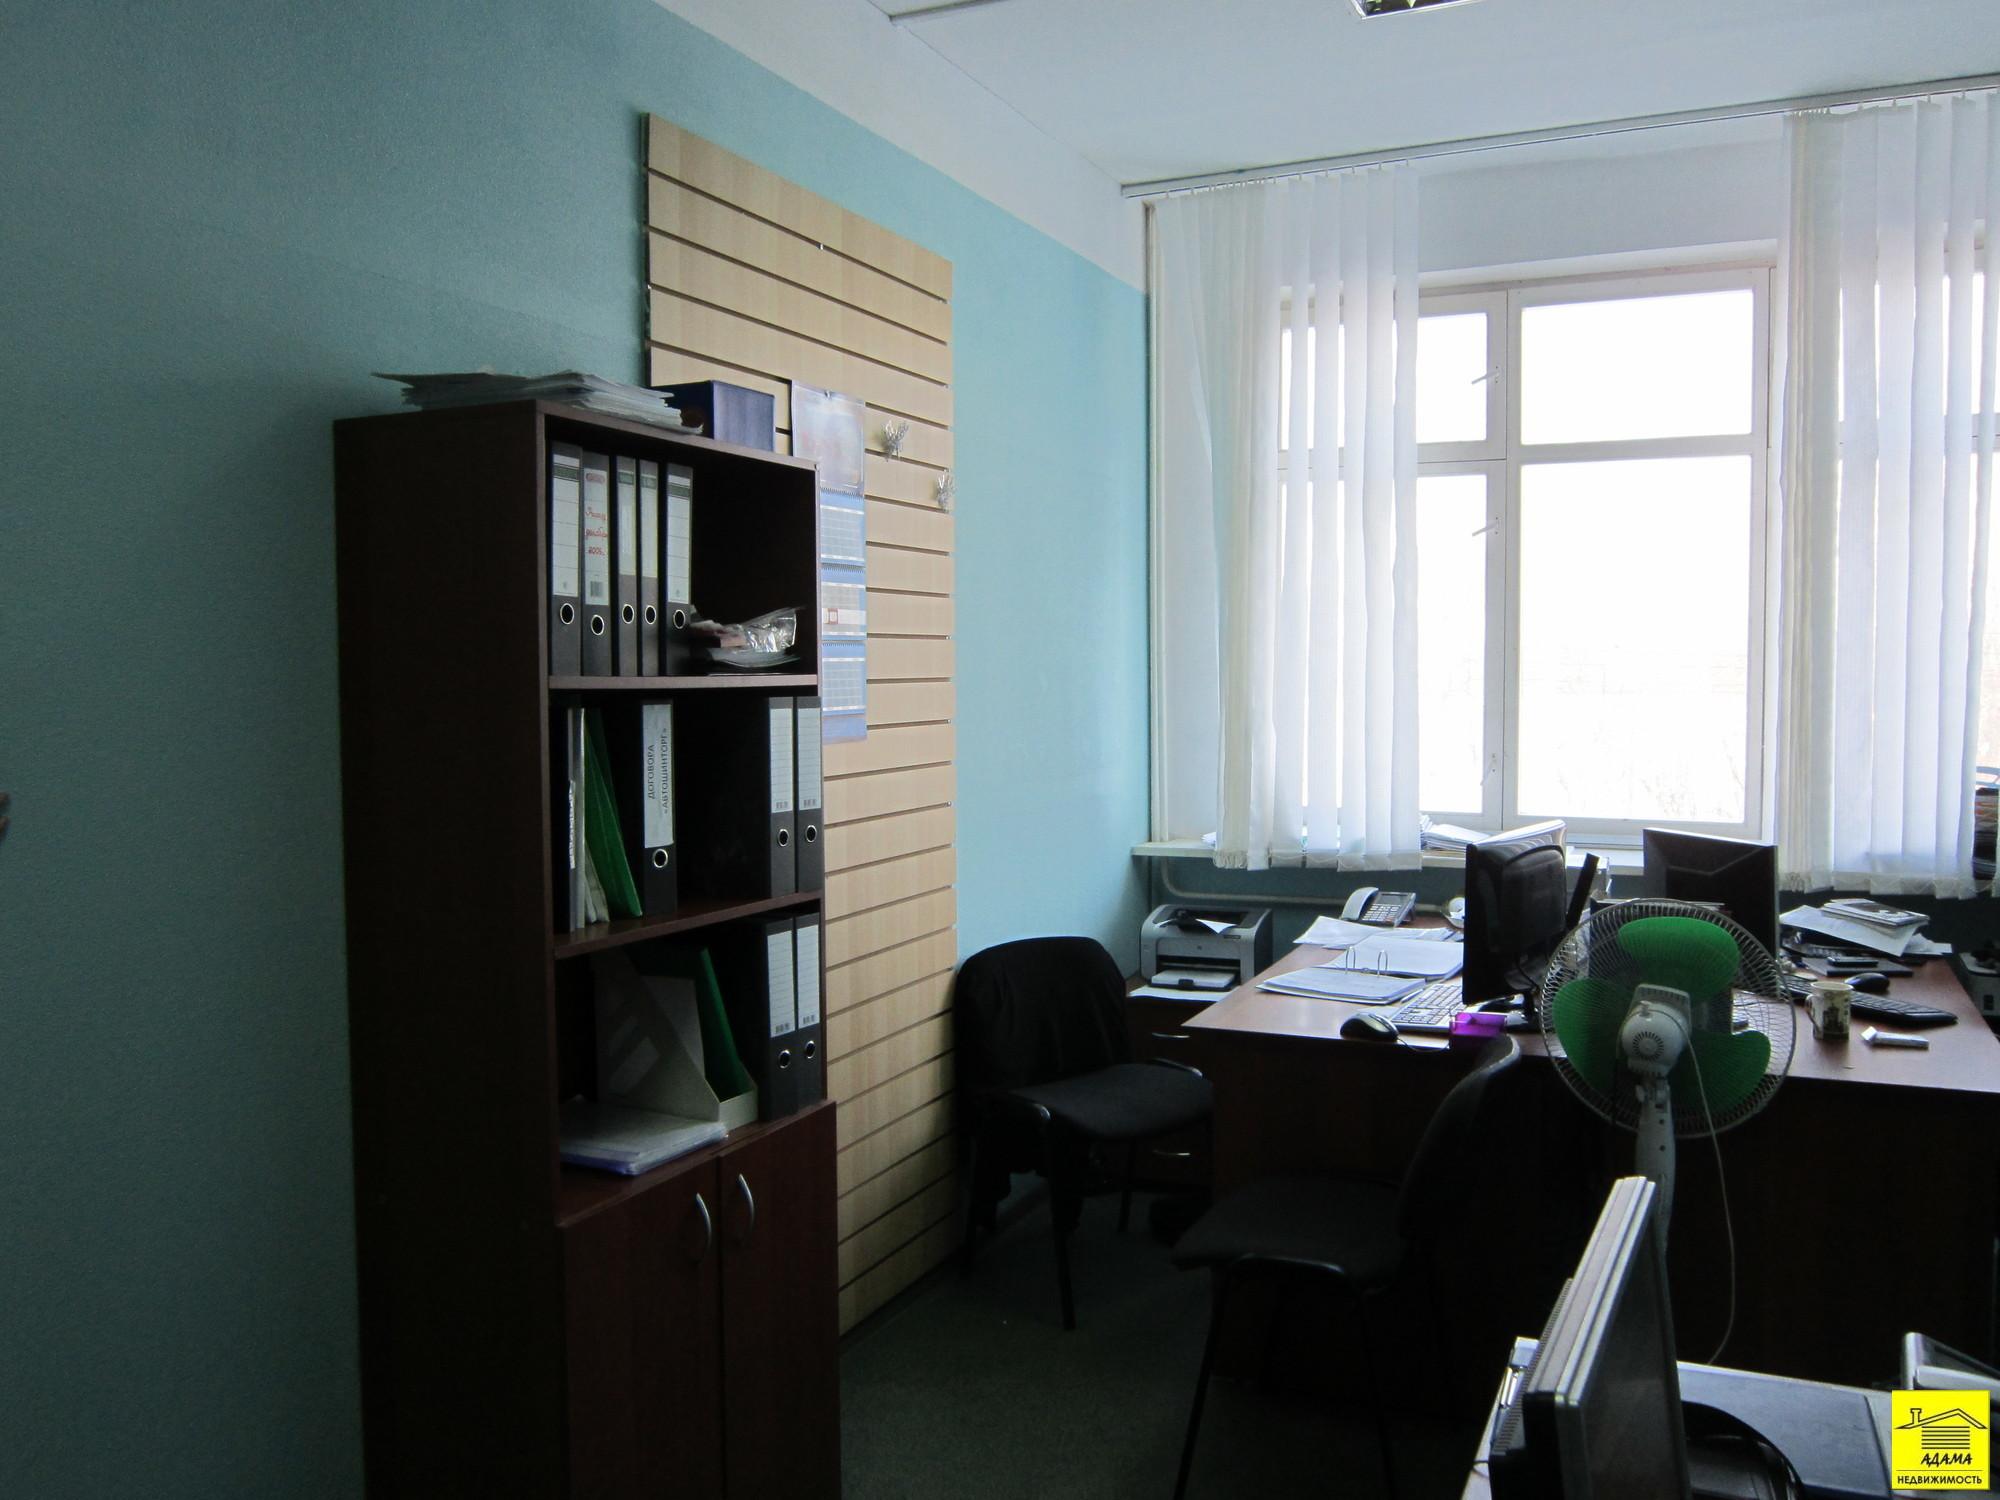 Аренда офиса в ярославле в центре Снять офис в городе Москва Плавский проезд